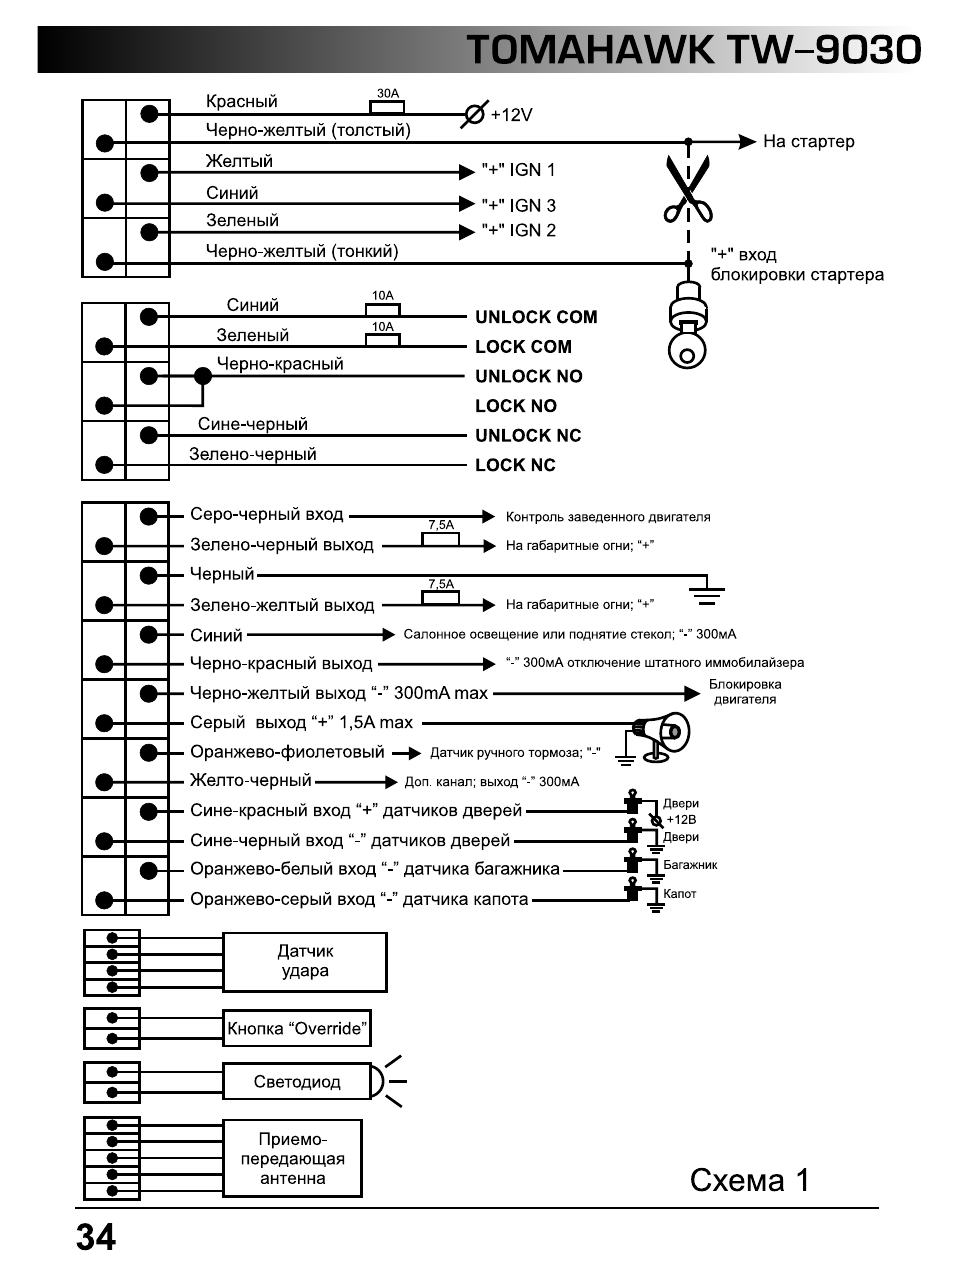 Инструкция по эксплуатации tomahawk tw 9030